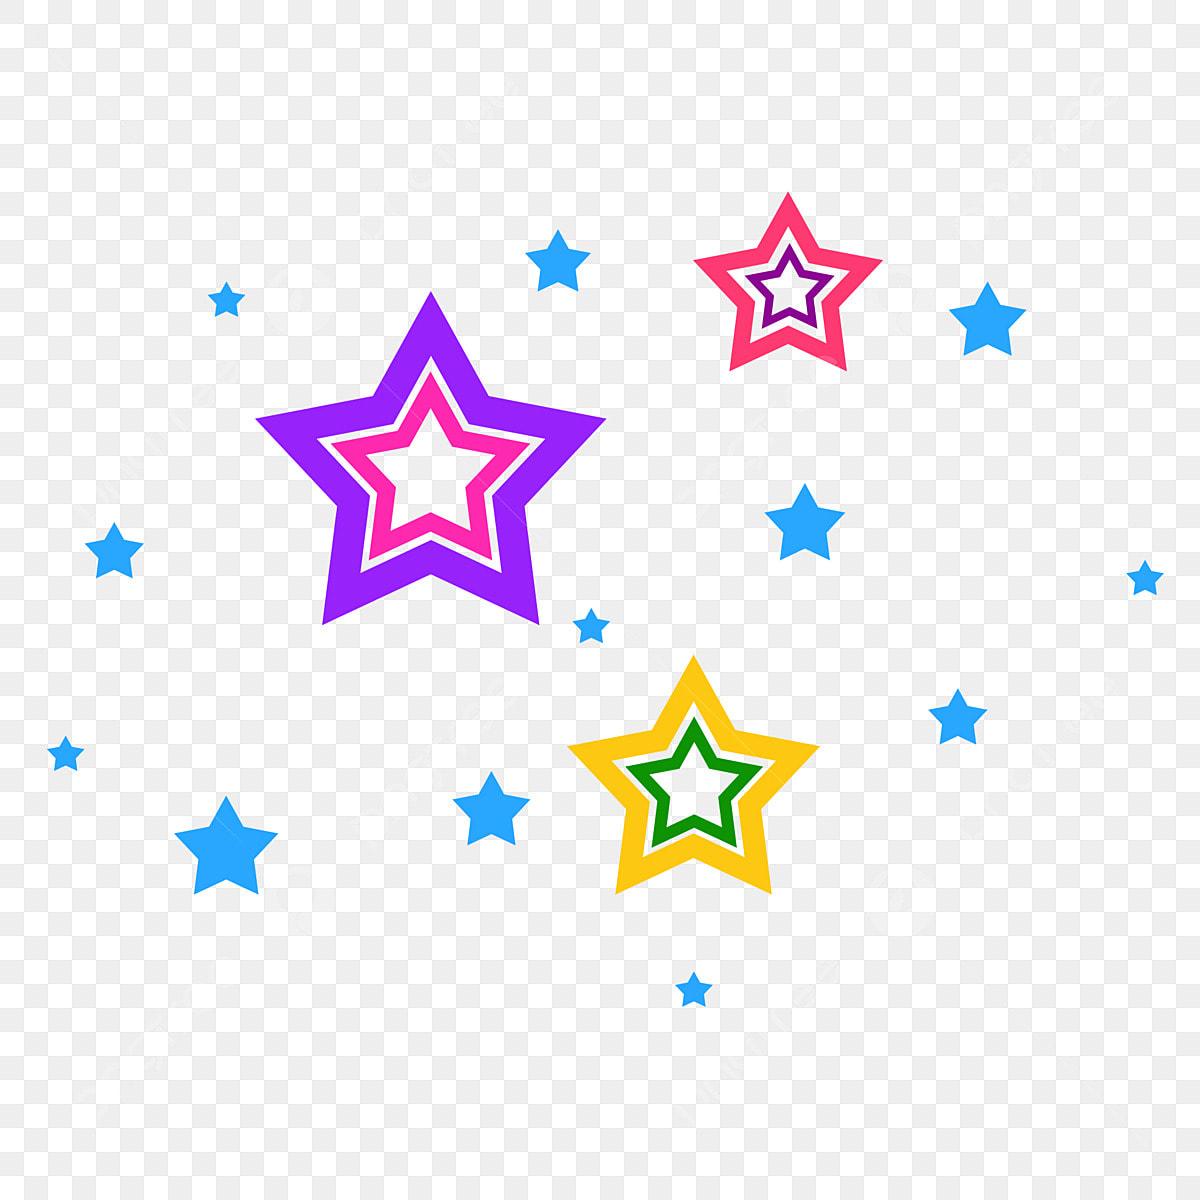 無料ダウンロードのためのキラキラ星空素材 光る 星空 素材png画像素材